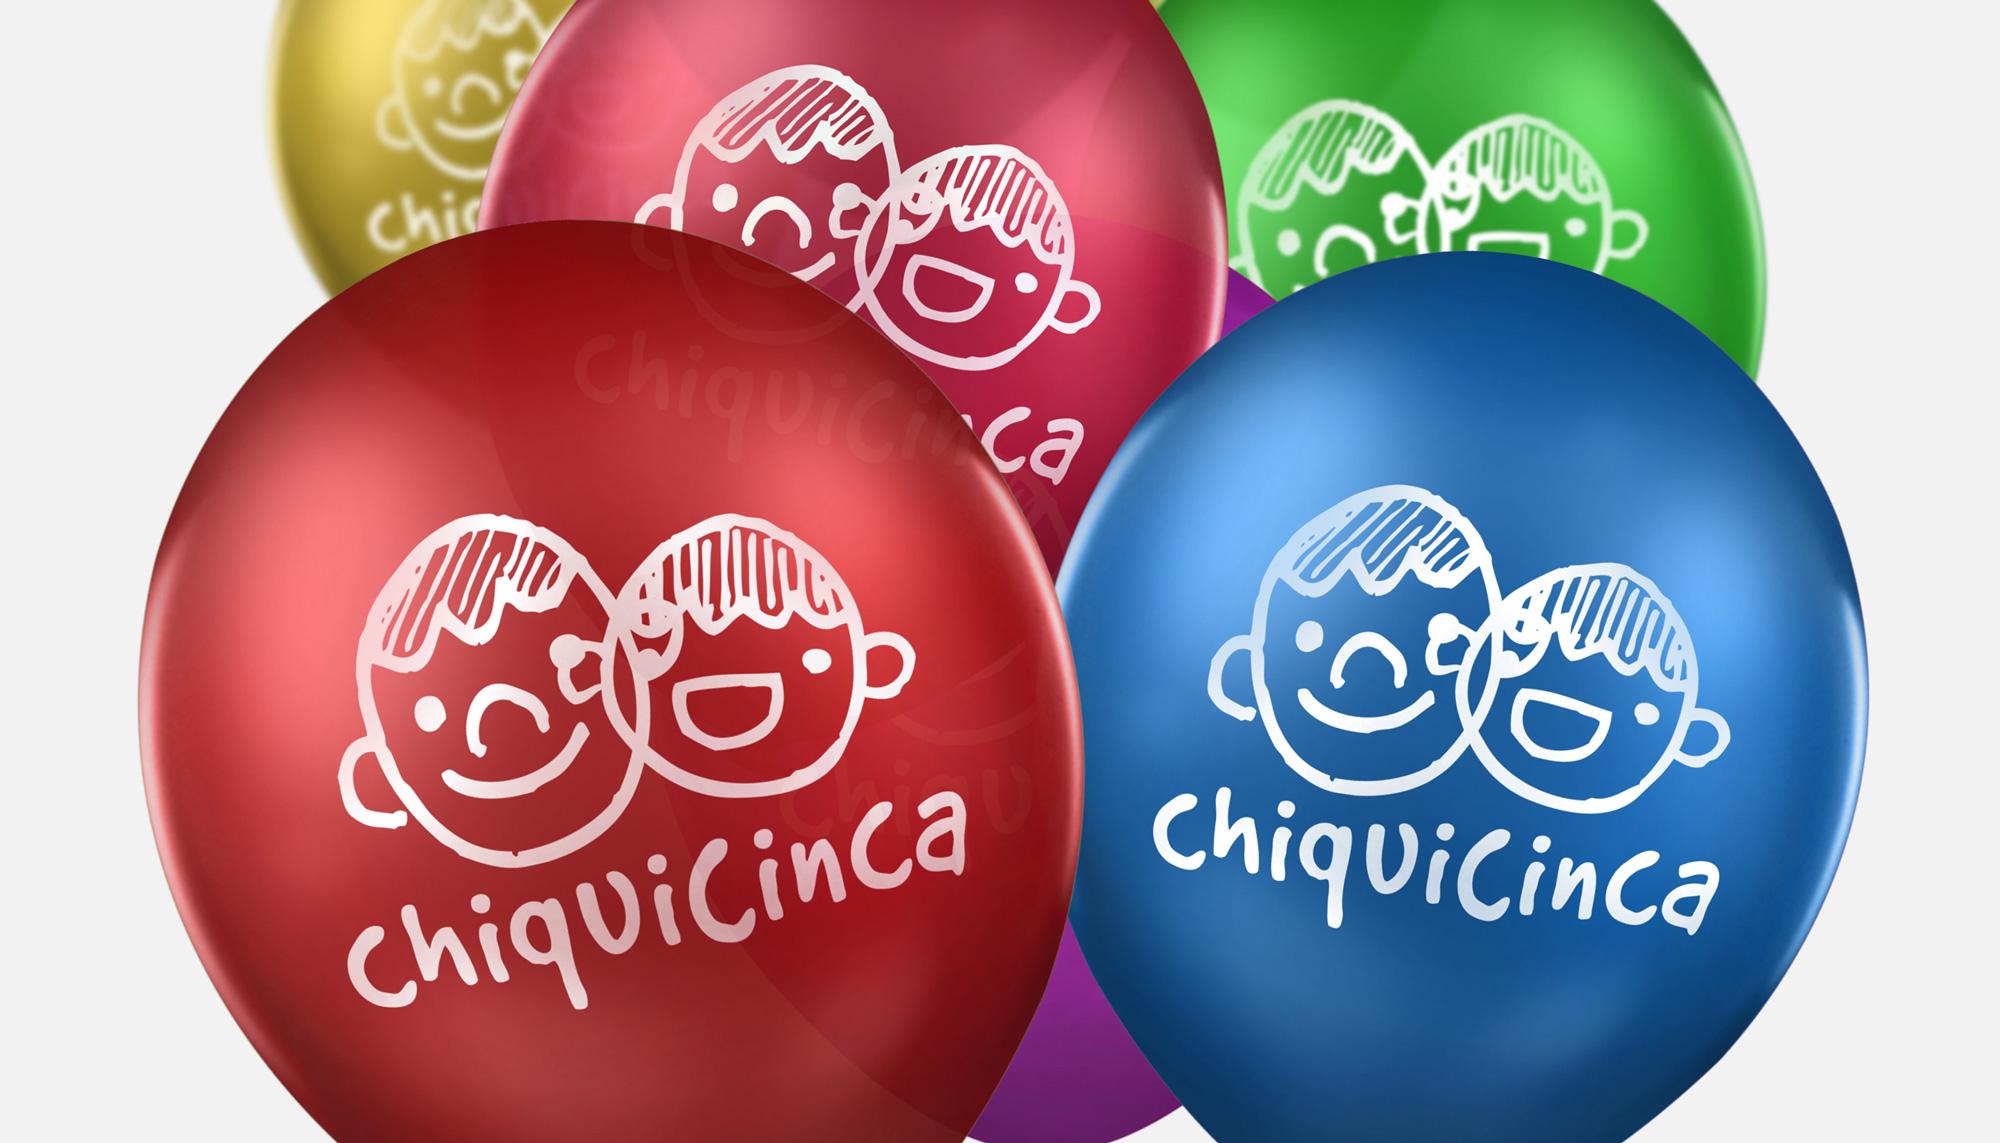 chiquicinca-03